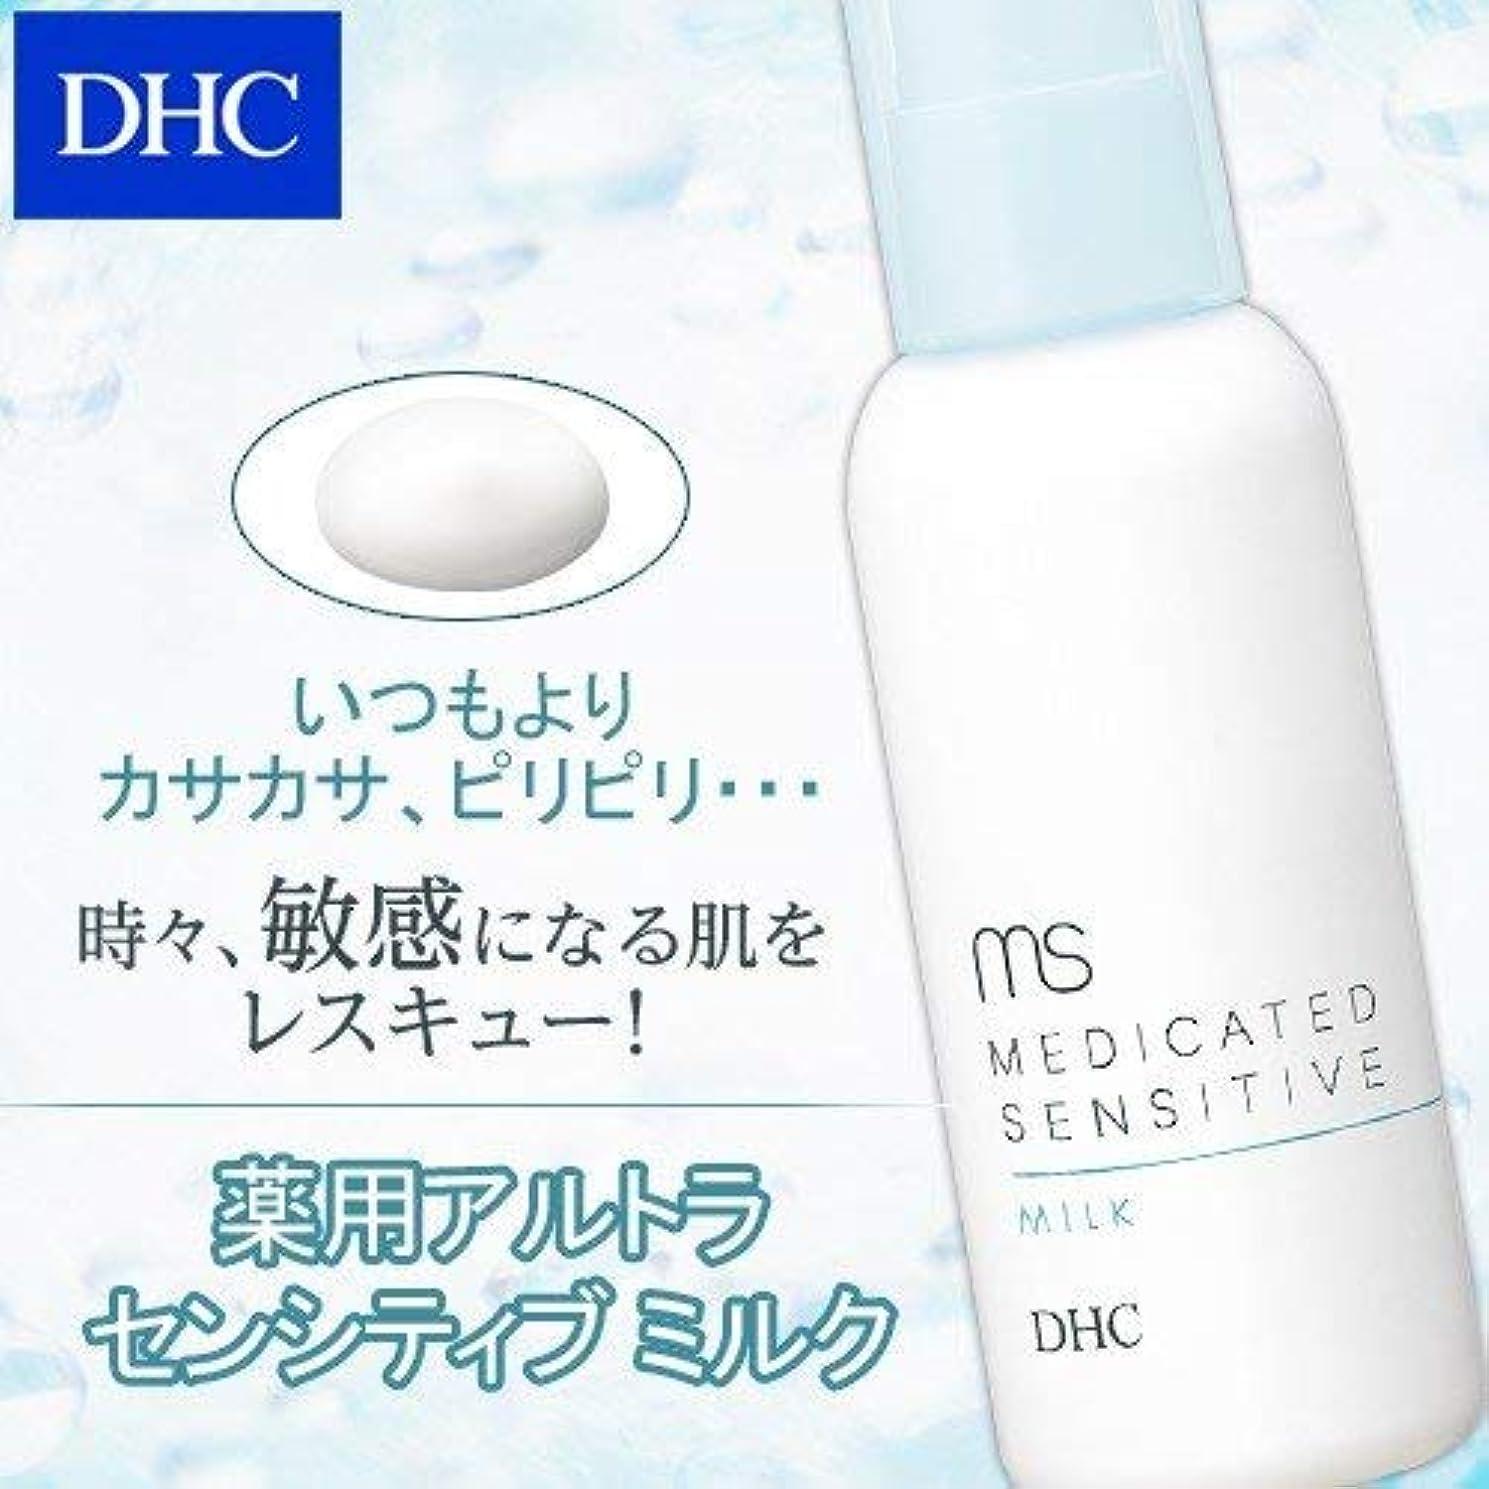 ぐったり日付バターDHC薬用アルトラセンシティブ ミルク